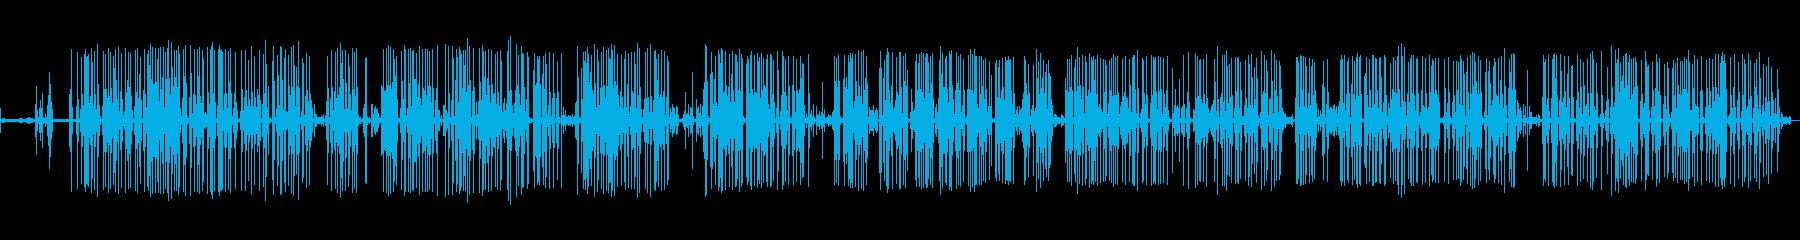 電子:電源オン、タイプ、中速、オフ...の再生済みの波形